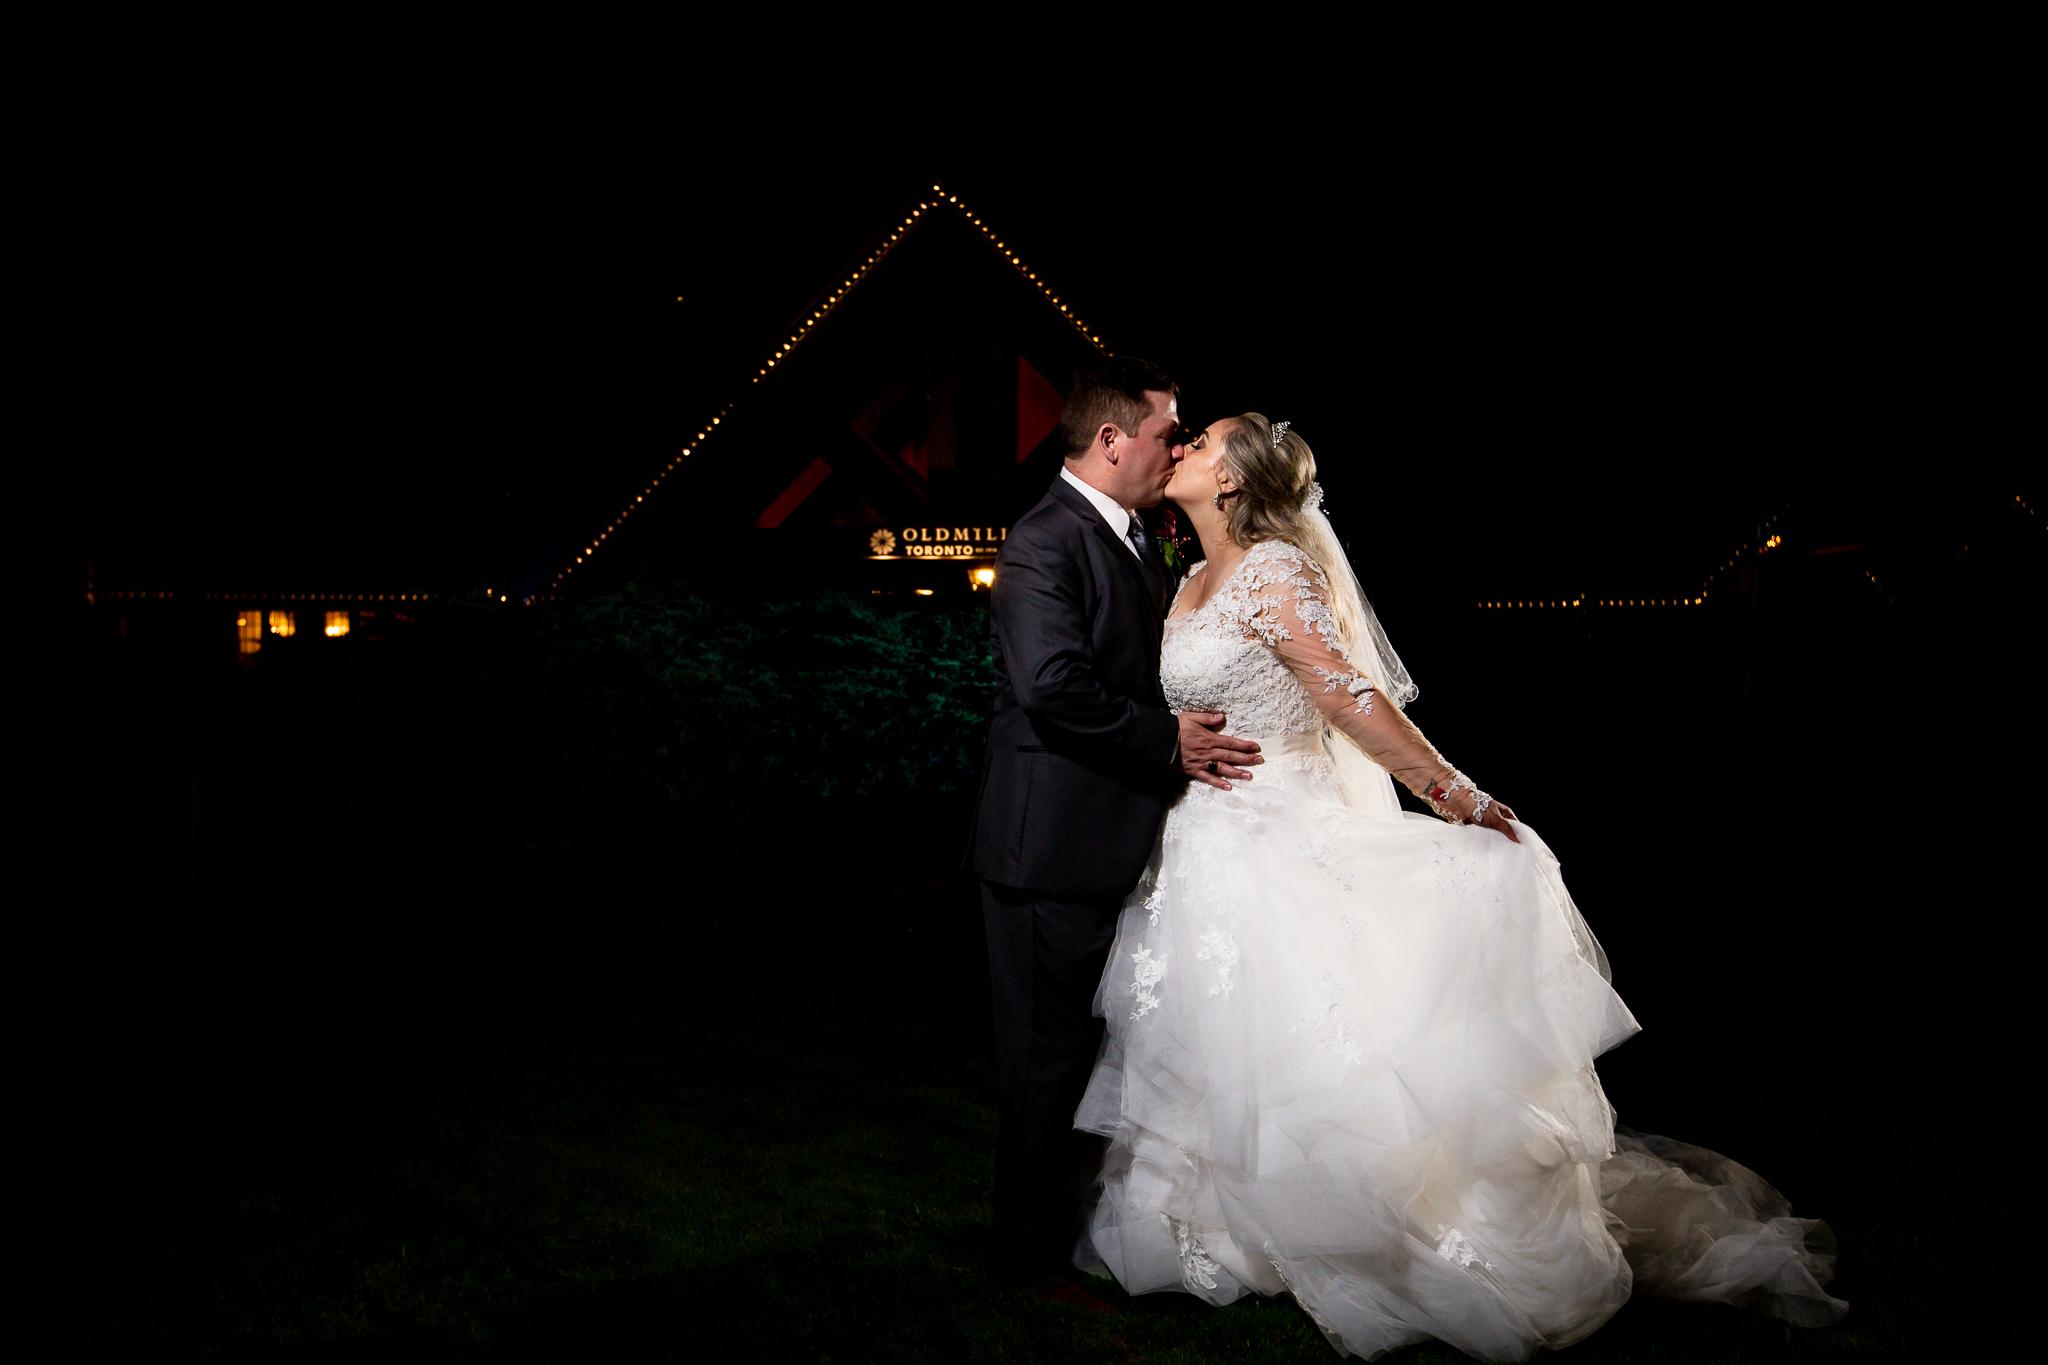 old-mill-wedding-photos-13.jpg